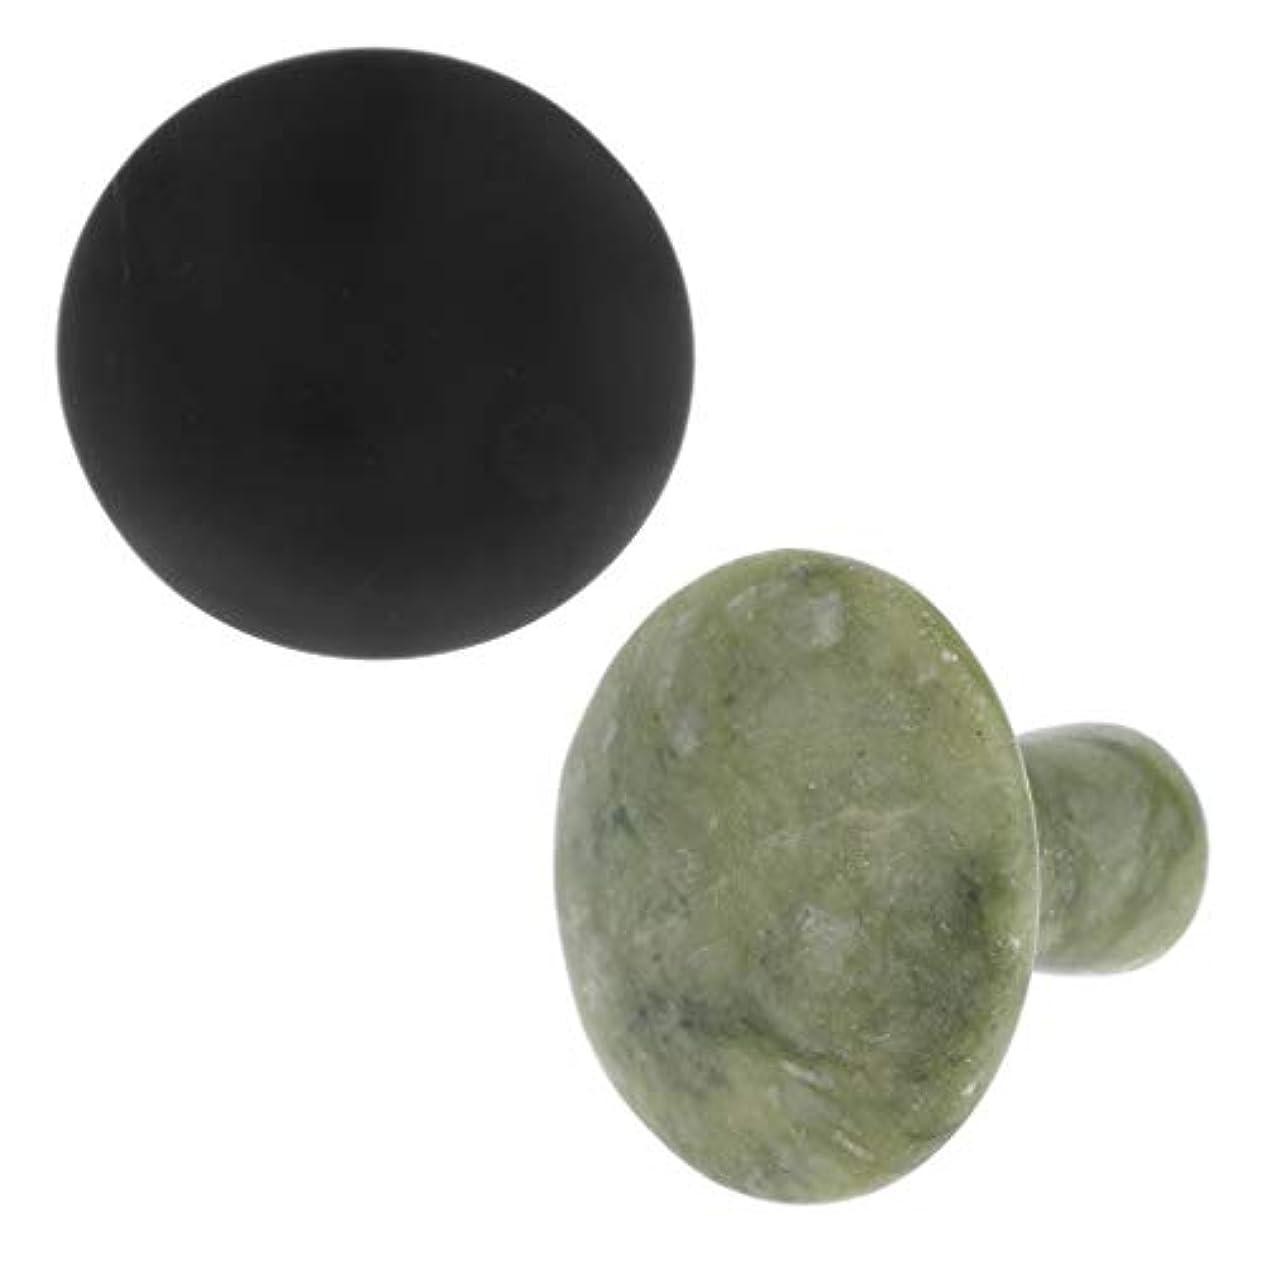 製造主張するシネマ天然石 マッサージストーン 2個入